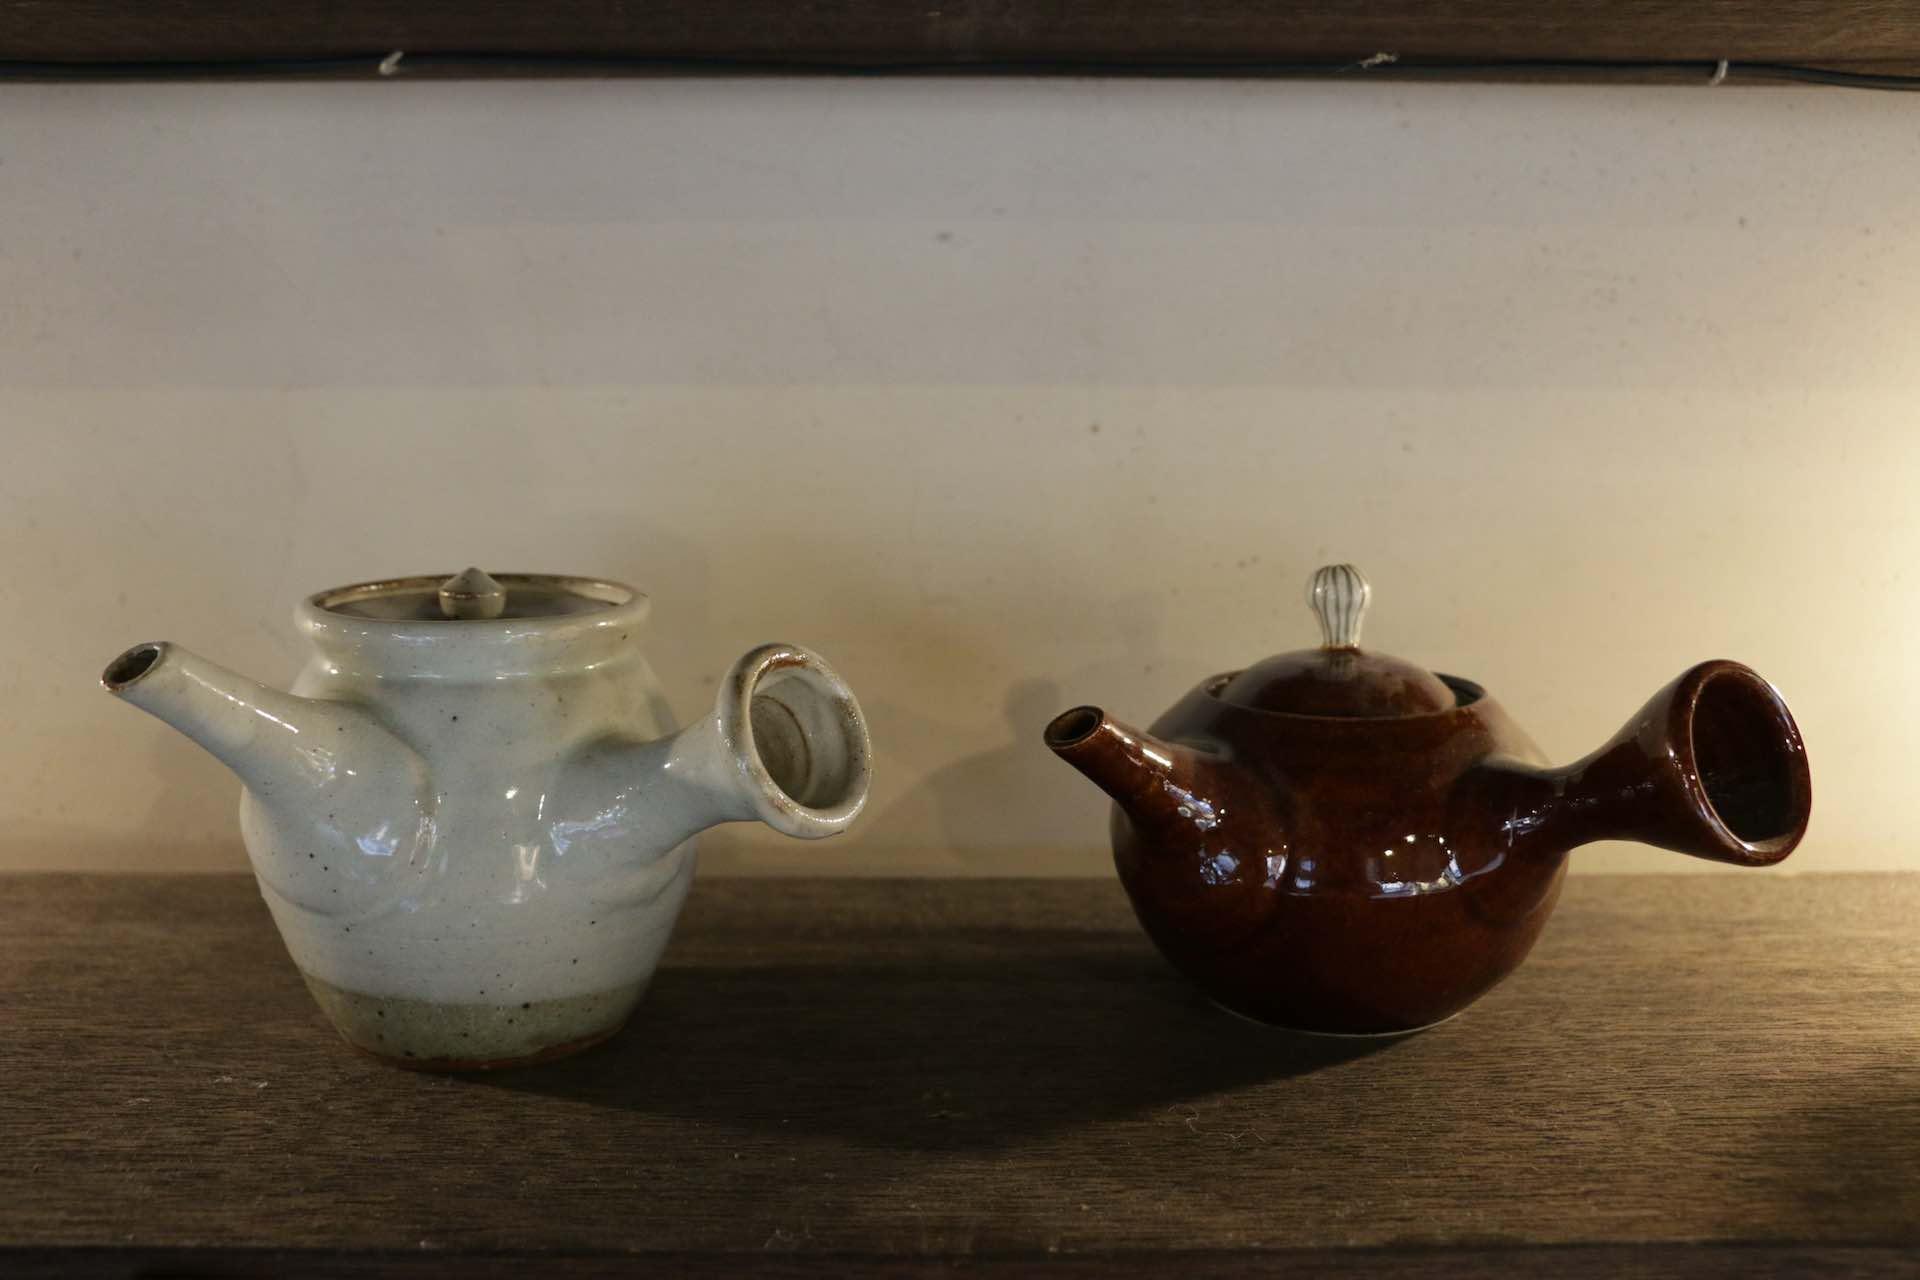 左が伝統的な急須のスタイル、右が最近のもの。形も進化しています